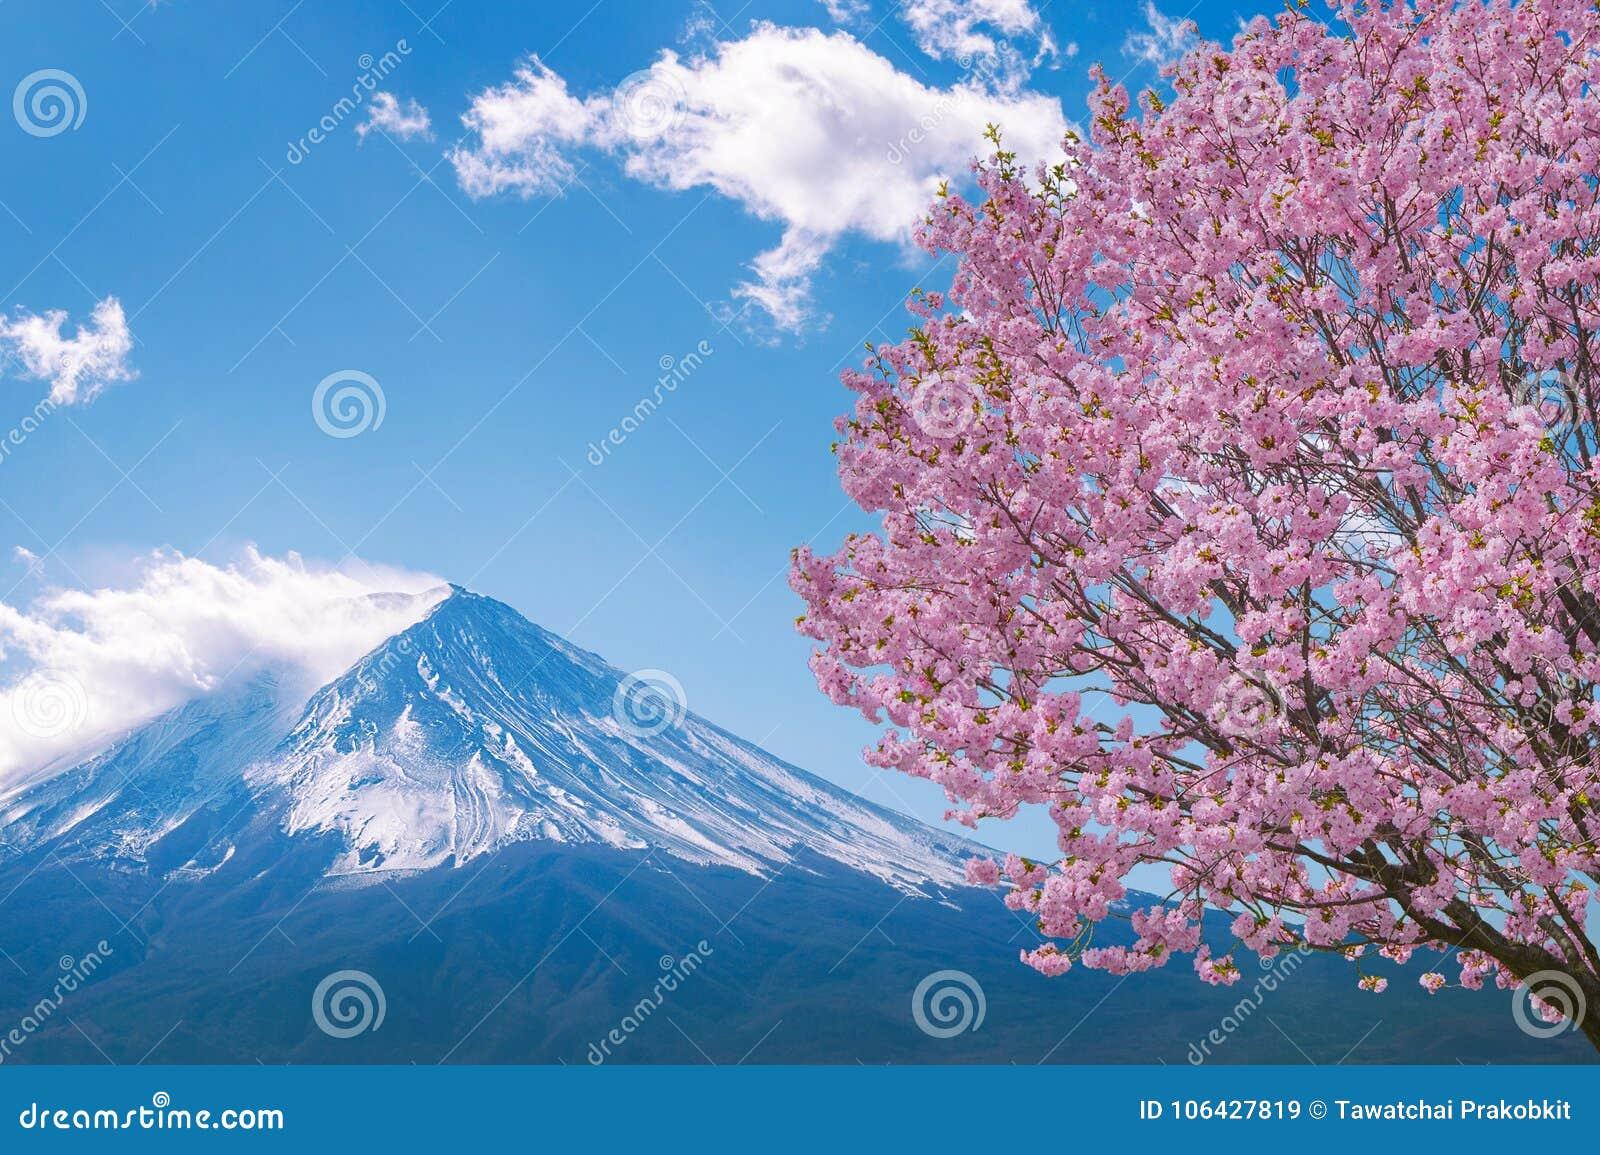 Fuji berg och körsbärsröda blomningar i våren, Japan